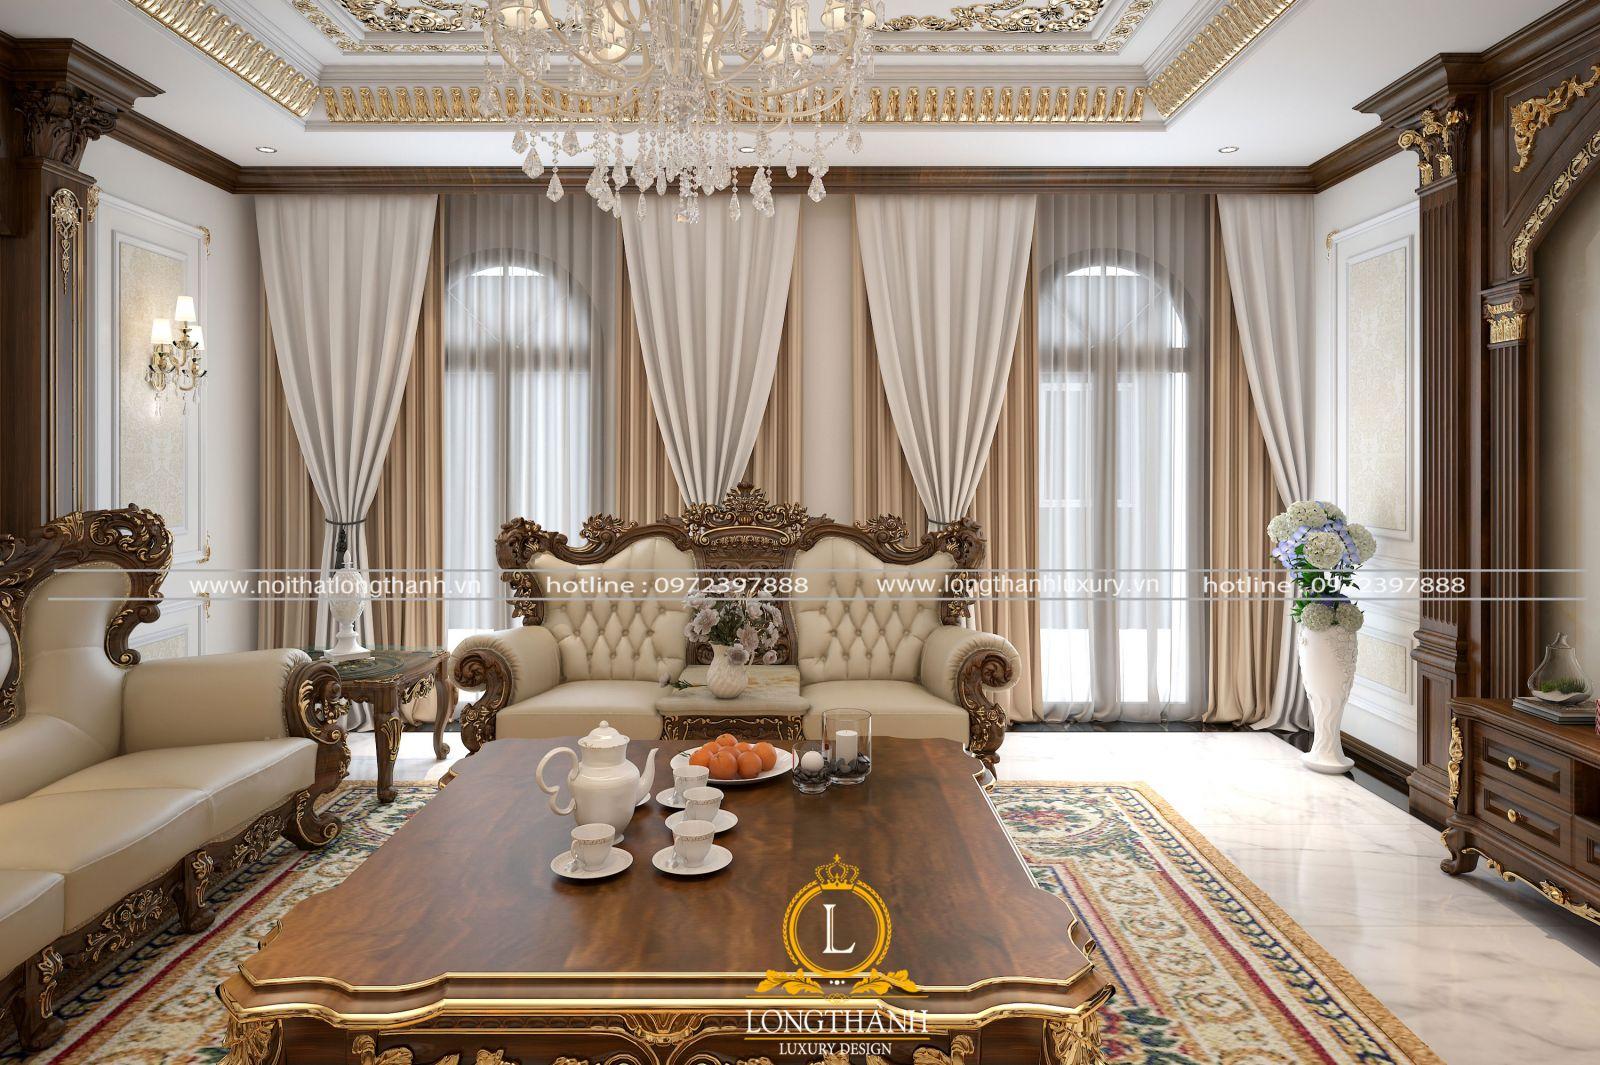 Sự kết hợp màu sắc khéo léo cho phòng khách tân cổ điển lịch lãm